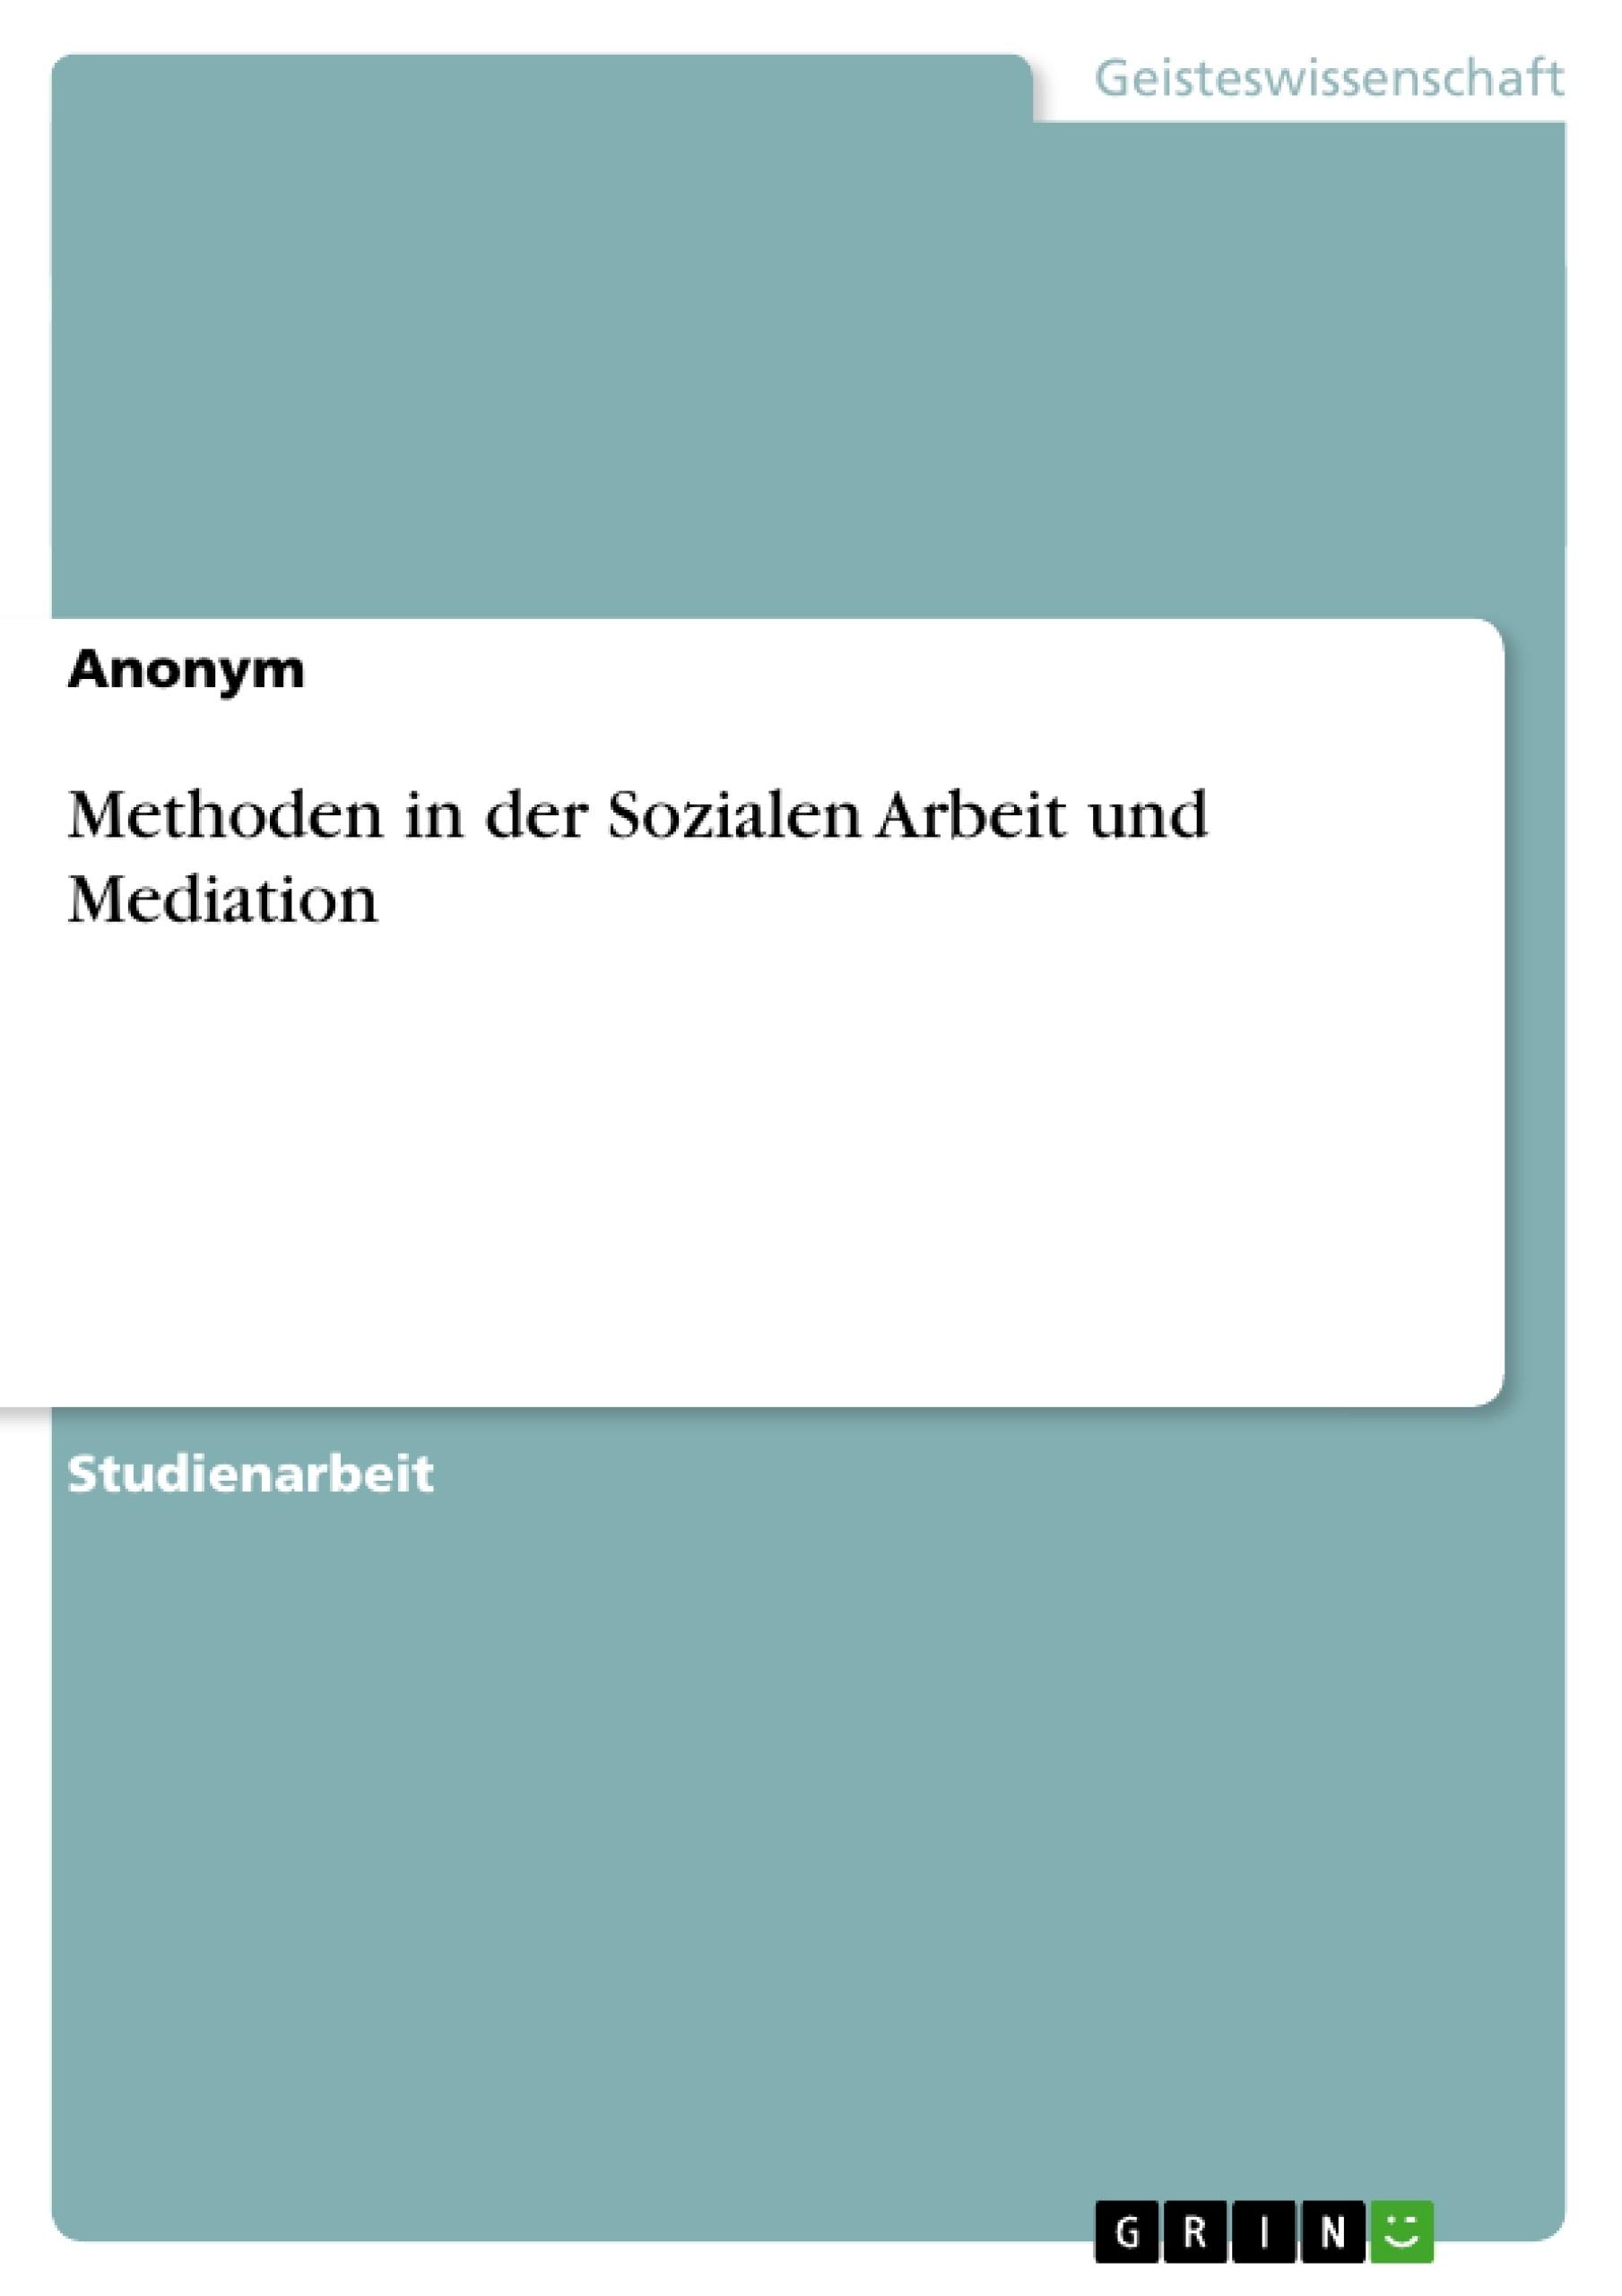 Titel: Methoden in der Sozialen Arbeit und Mediation